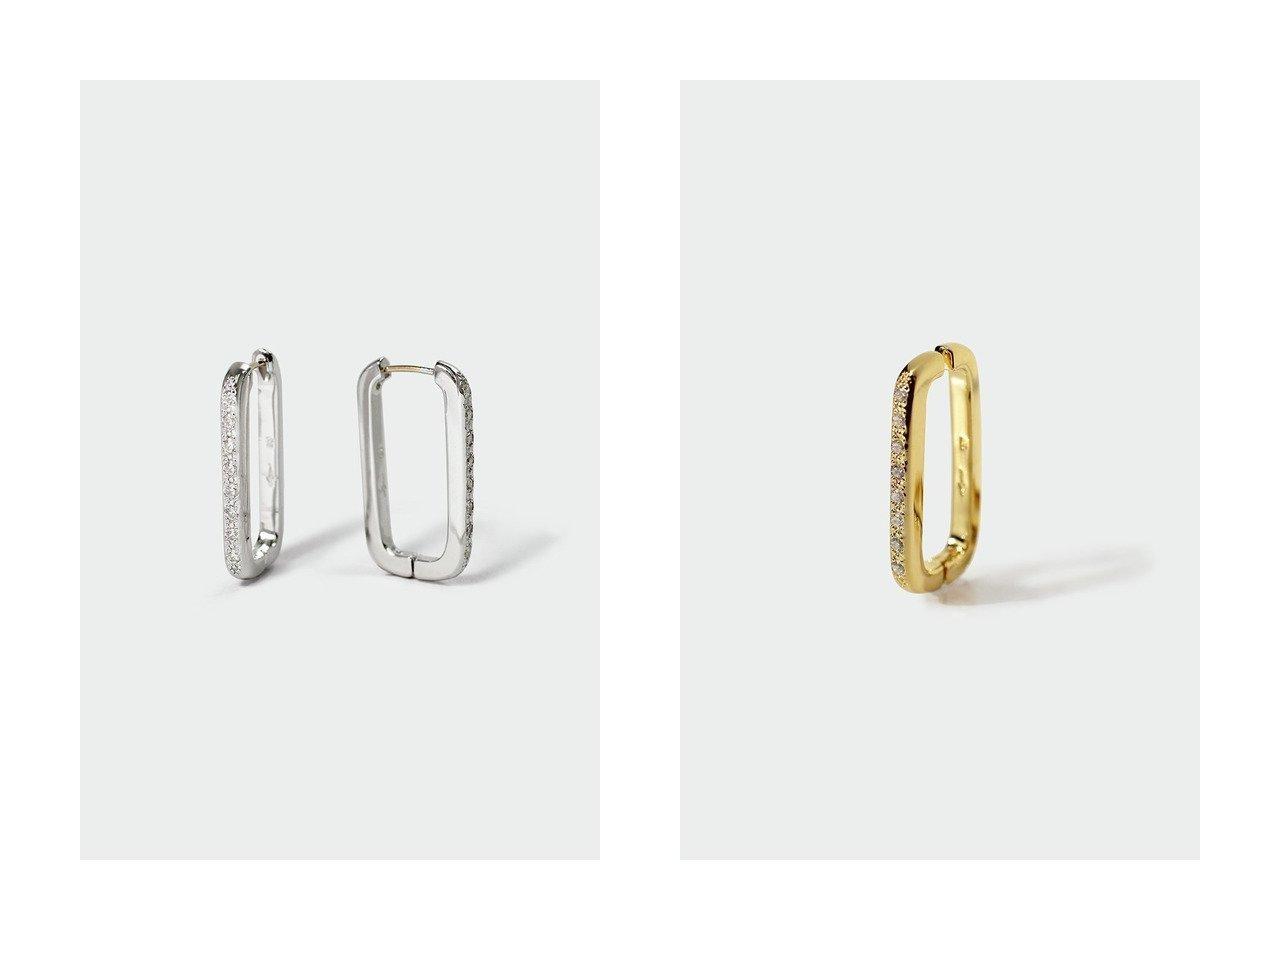 【AYAMI jewelry/アヤミ ジュエリー】のRectangle ピアス&Rectangle イヤリング(片耳用) 【アクセサリー・ジュエリー】おすすめ!人気、トレンド・レディースファッションの通販 おすすめで人気の流行・トレンド、ファッションの通販商品 インテリア・家具・メンズファッション・キッズファッション・レディースファッション・服の通販 founy(ファニー) https://founy.com/ ファッション Fashion レディースファッション WOMEN ジュエリー Jewelry リング Rings イヤリング Earrings イヤリング 再入荷 Restock/Back in Stock/Re Arrival 片耳  ID:crp329100000072213